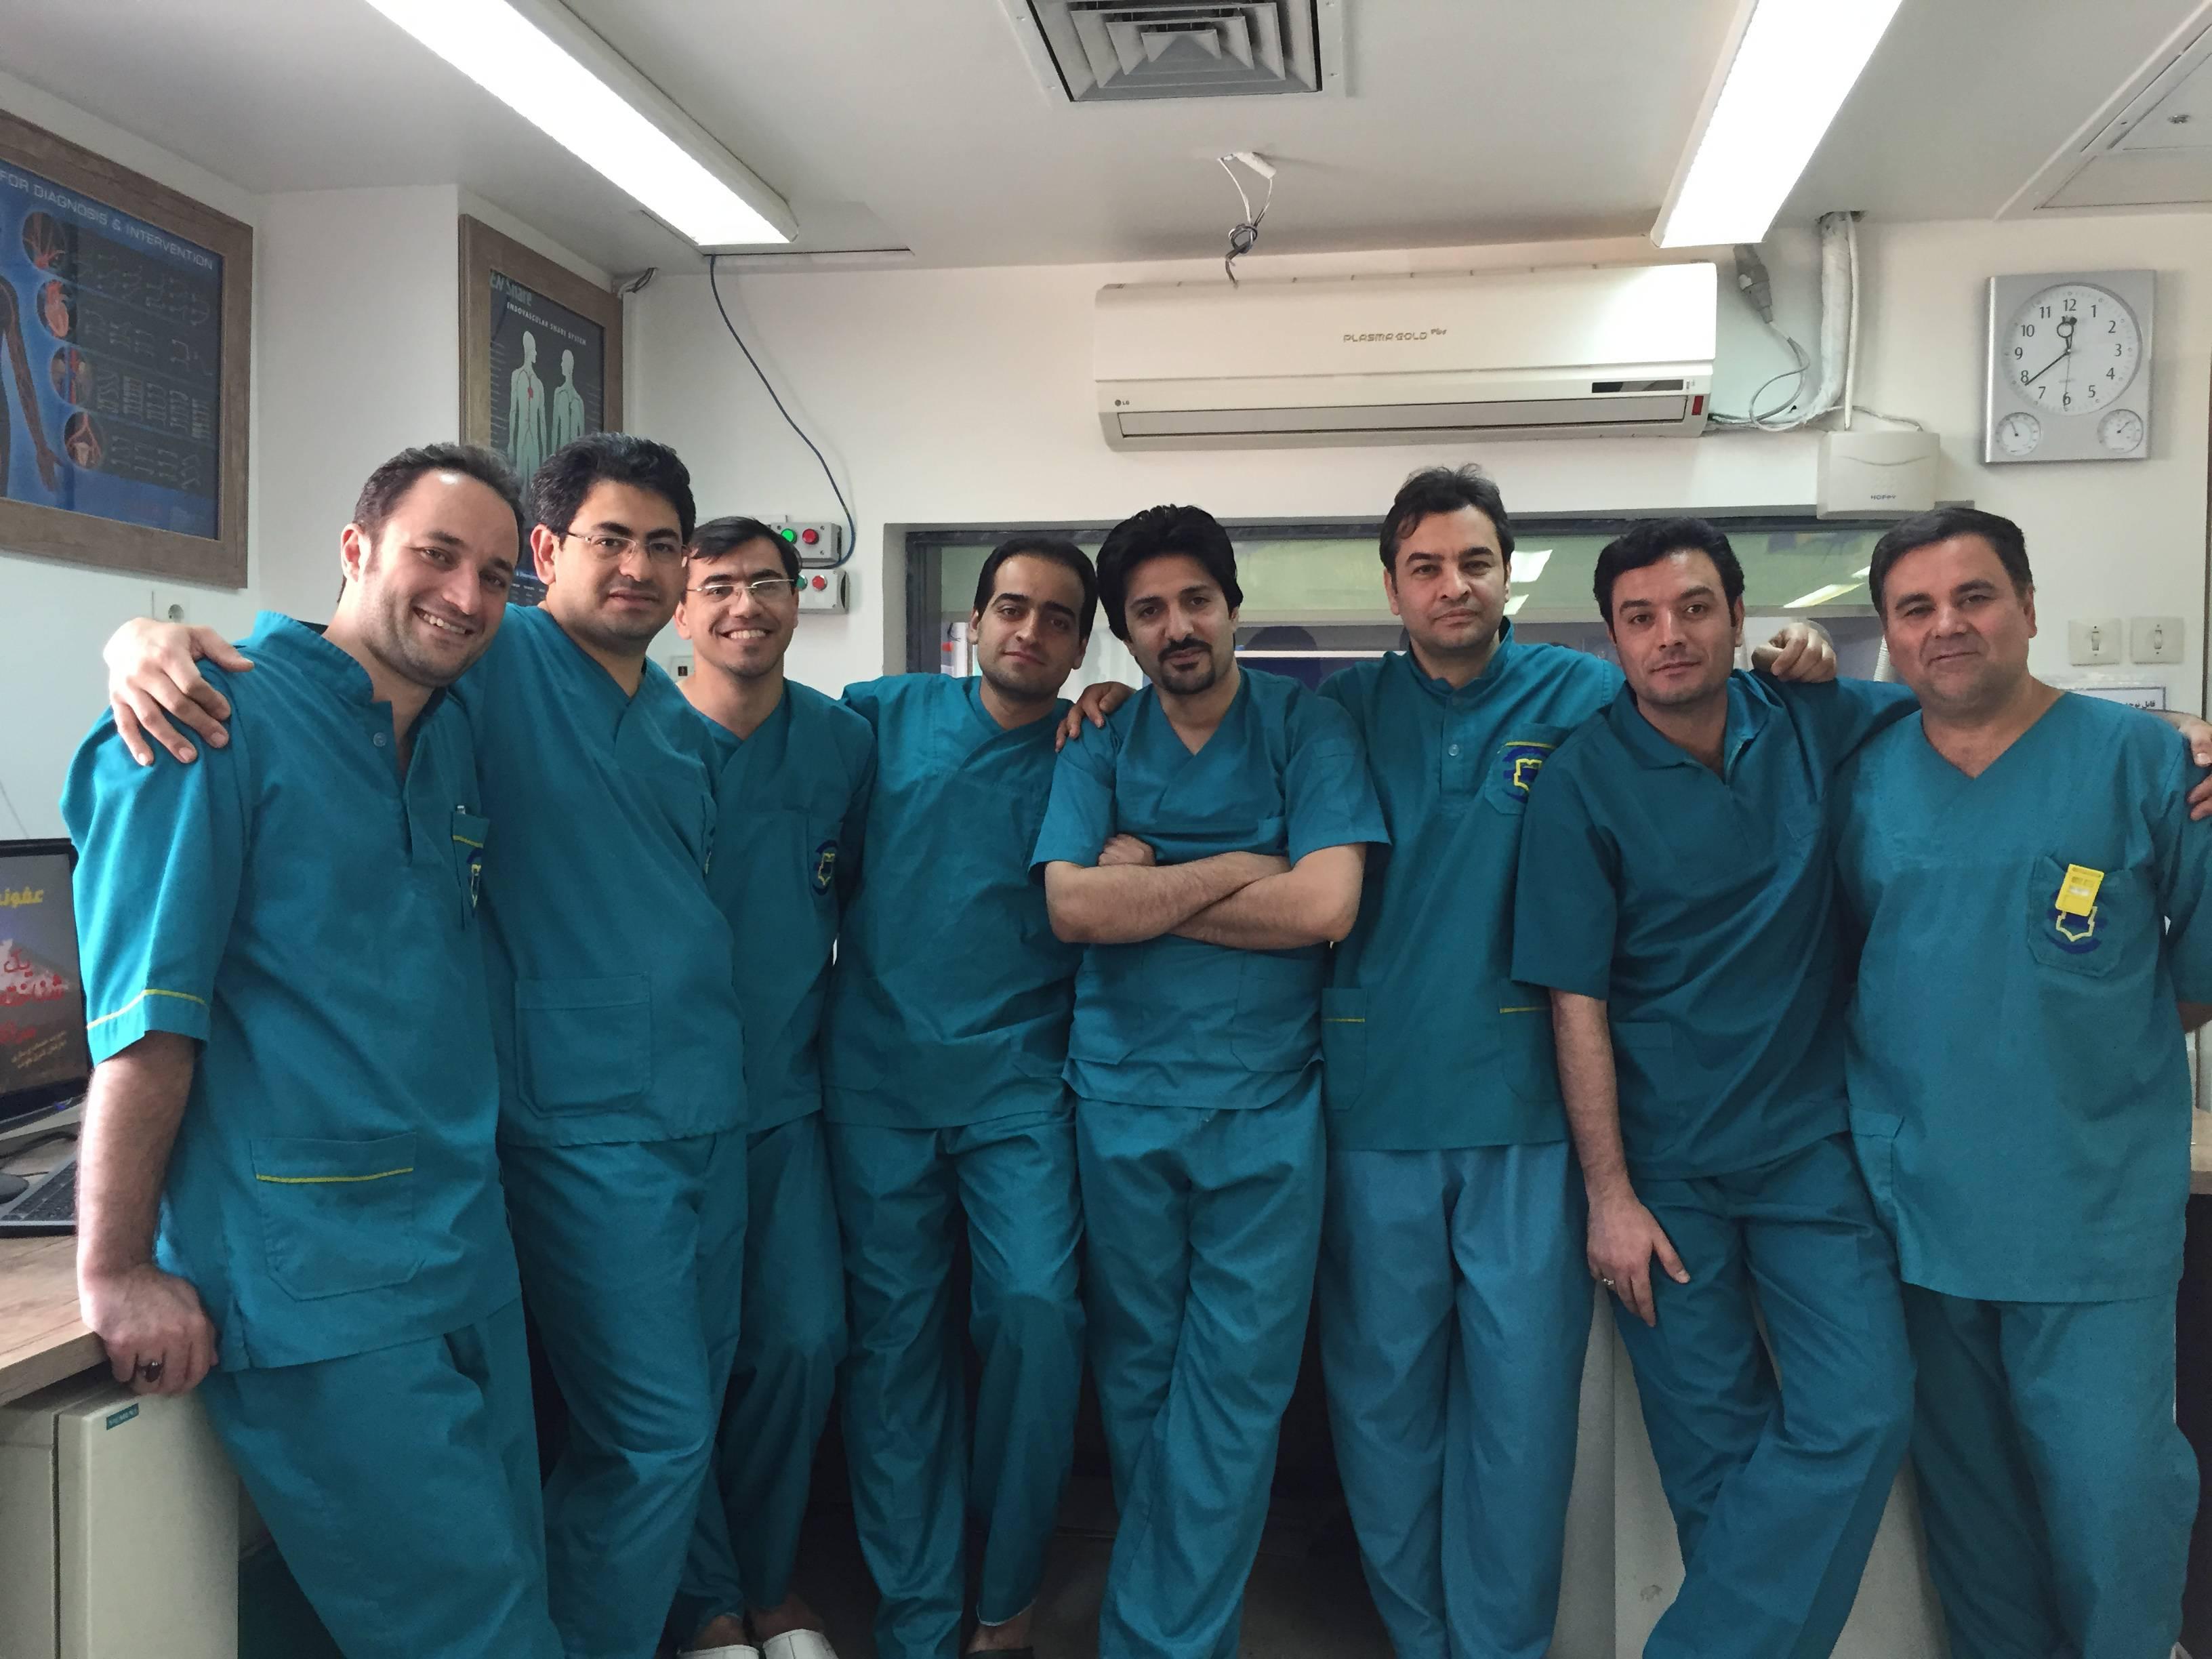 قلب و عروق تلگرام تصاویر دکتر نجفی متخصص قلب و عروق - دکتر محمد حسین نجفی